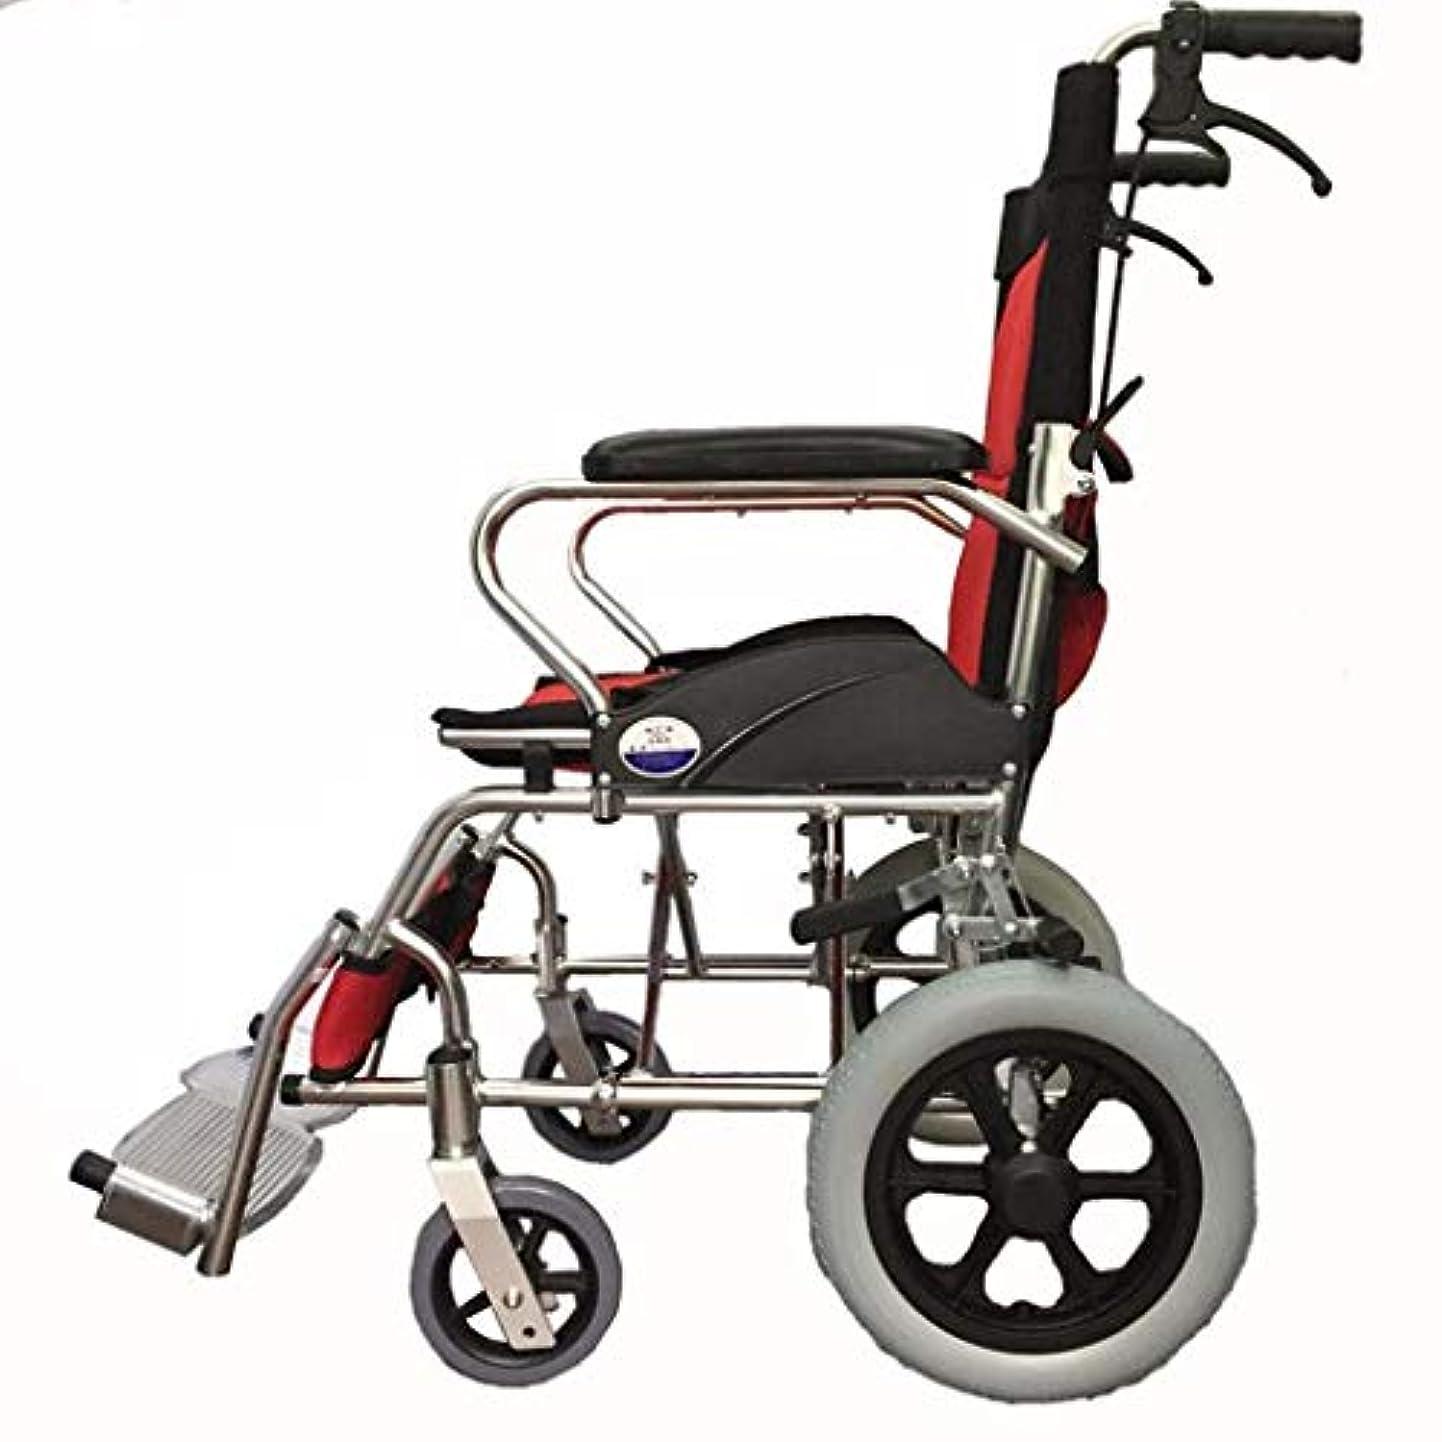 傀儡特派員郵便屋さん車椅子折りたたみ式、アルミ合金ポータブル手動車椅子、障害者、高齢者の屋外旅行に適しています